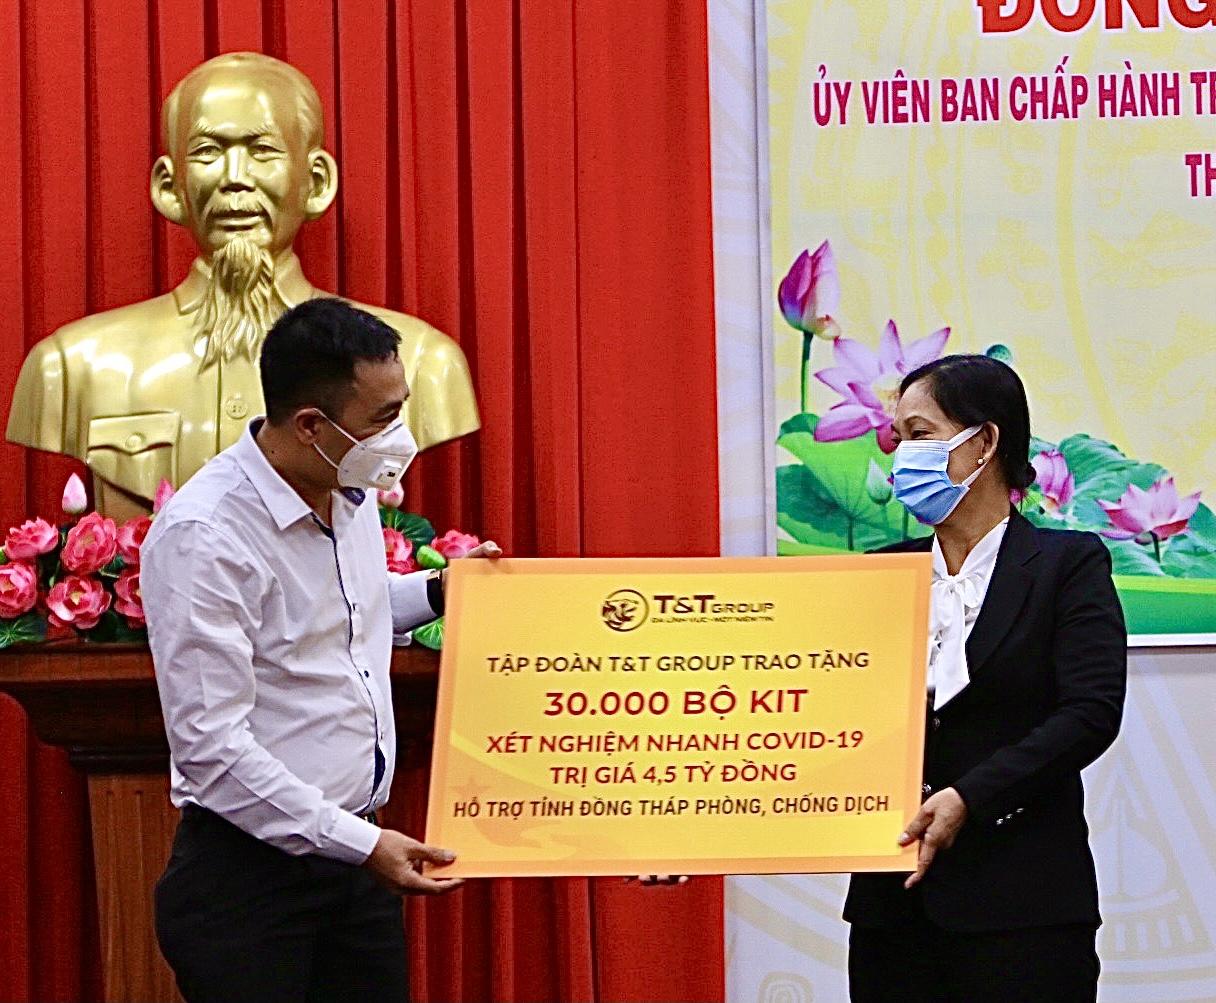 Ông Nguyễn Anh Tuấn, Phó Tổng Giám đốc T&T Group trao tặng 30.000 bộ kit xét nghiệm nhanh Covid-19 trị giá 4,5 tỷ đồng cho đại diện lãnh đạo tỉnh Đồng Tháp.